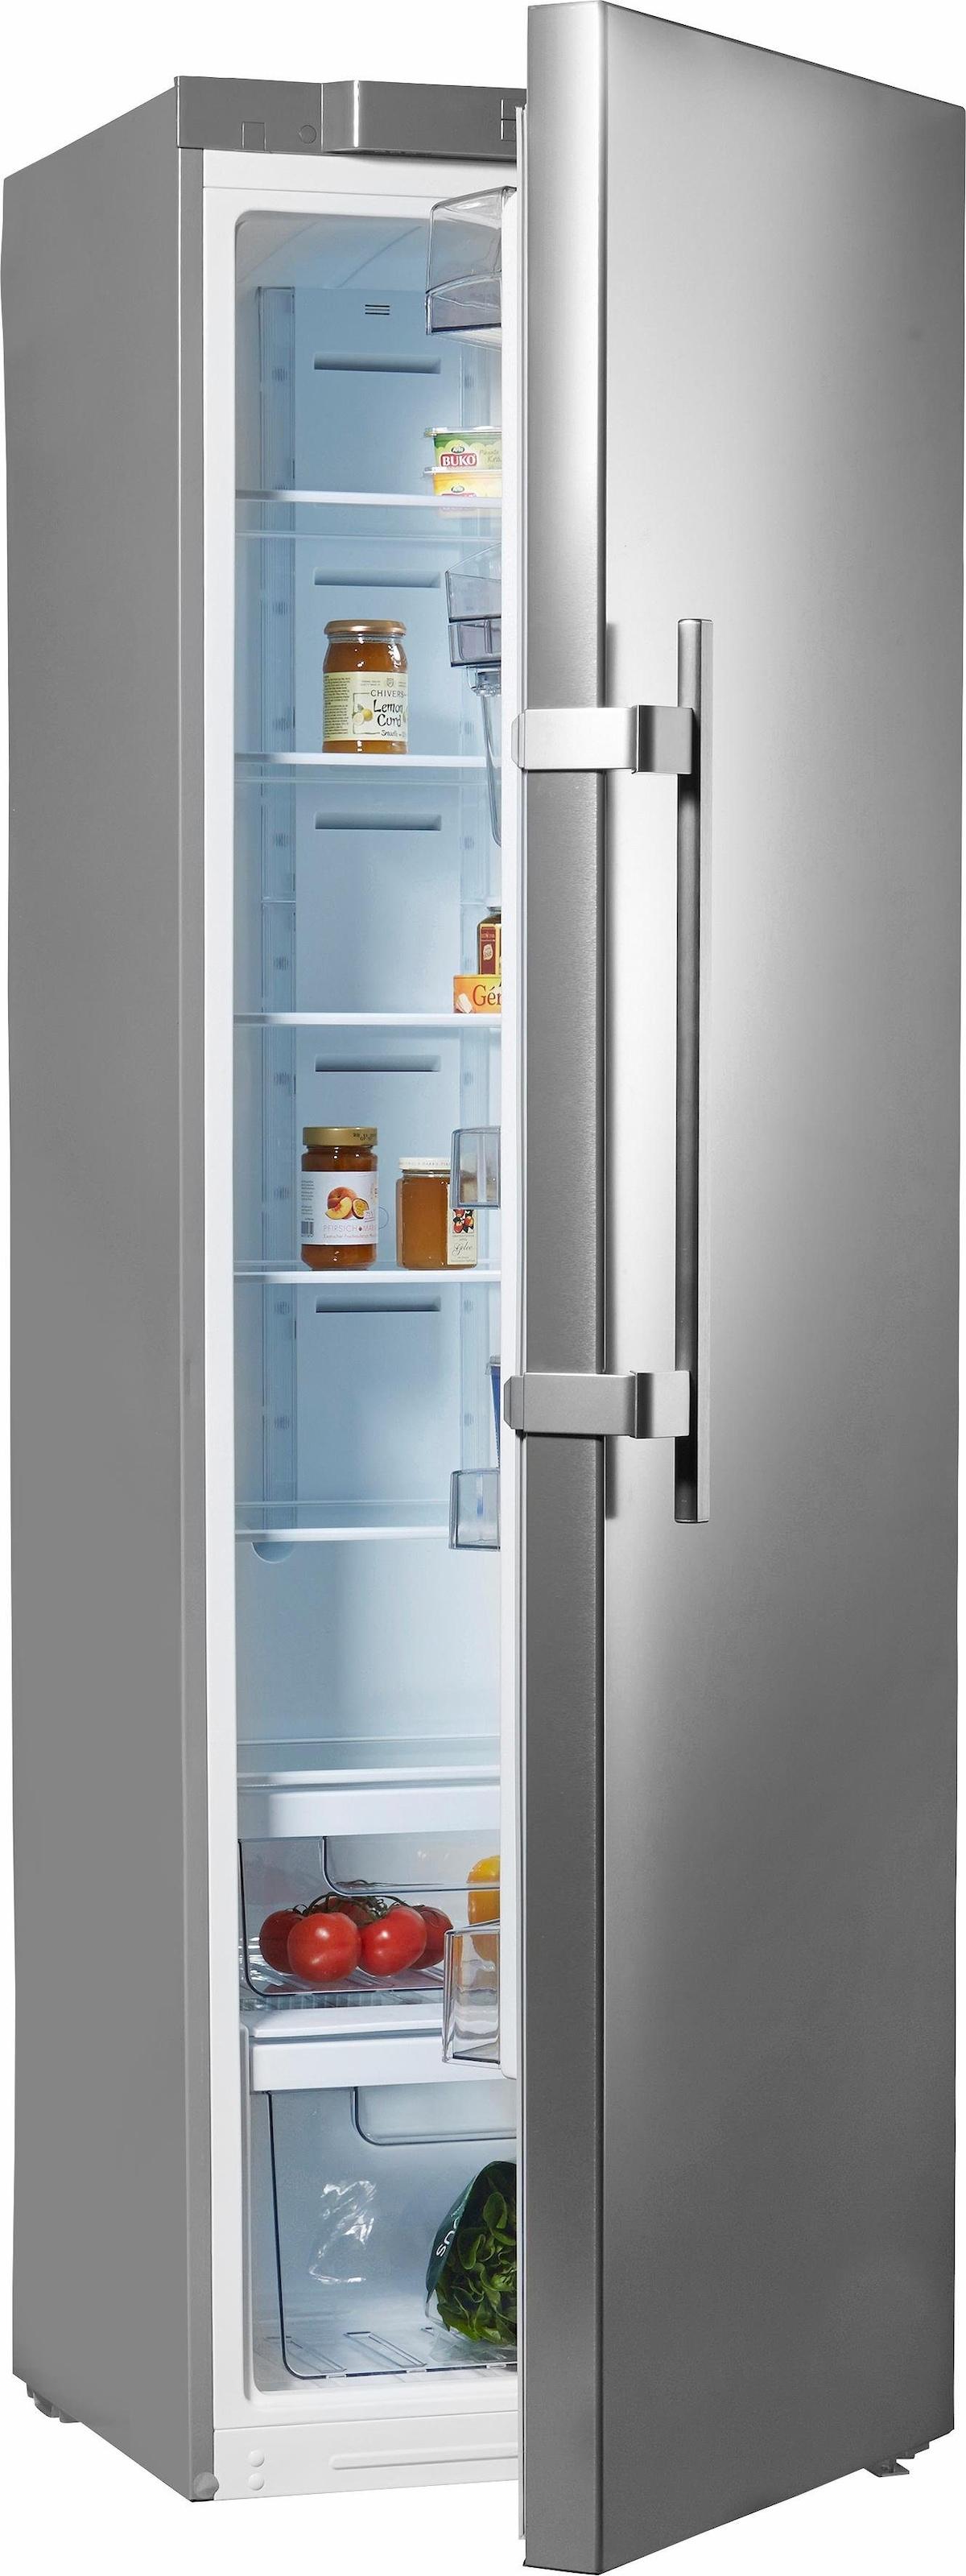 Kleiner Kühlschrank Ohne Eisfach : Kühlschränke ohne gefrierfach bei baur auf raten kaufen